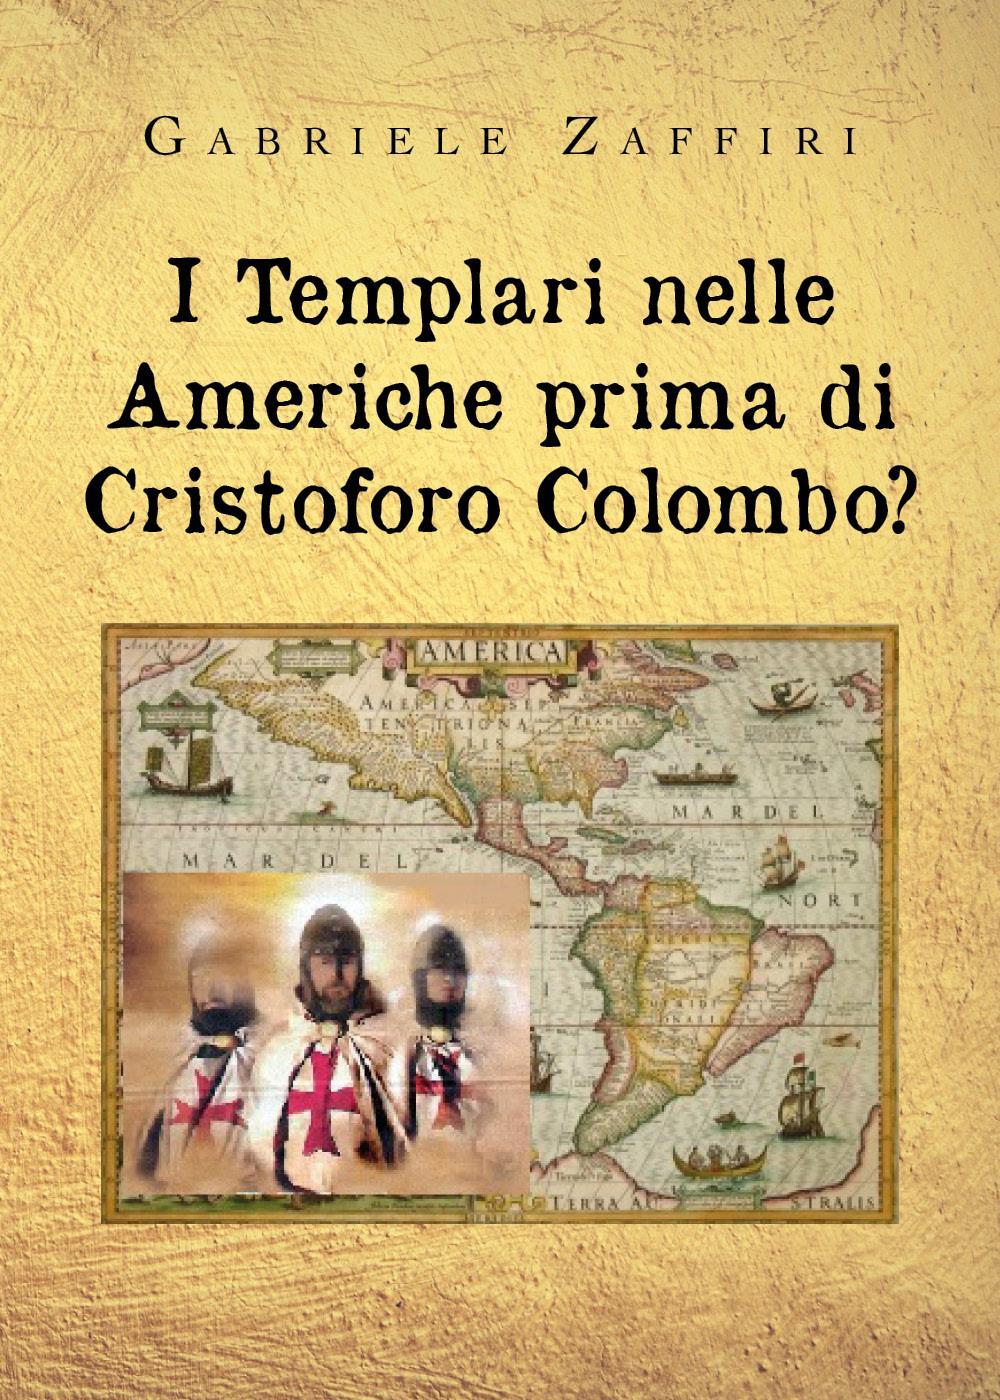 I Templari nelle Americhe prima di Cristoforo Colombo?